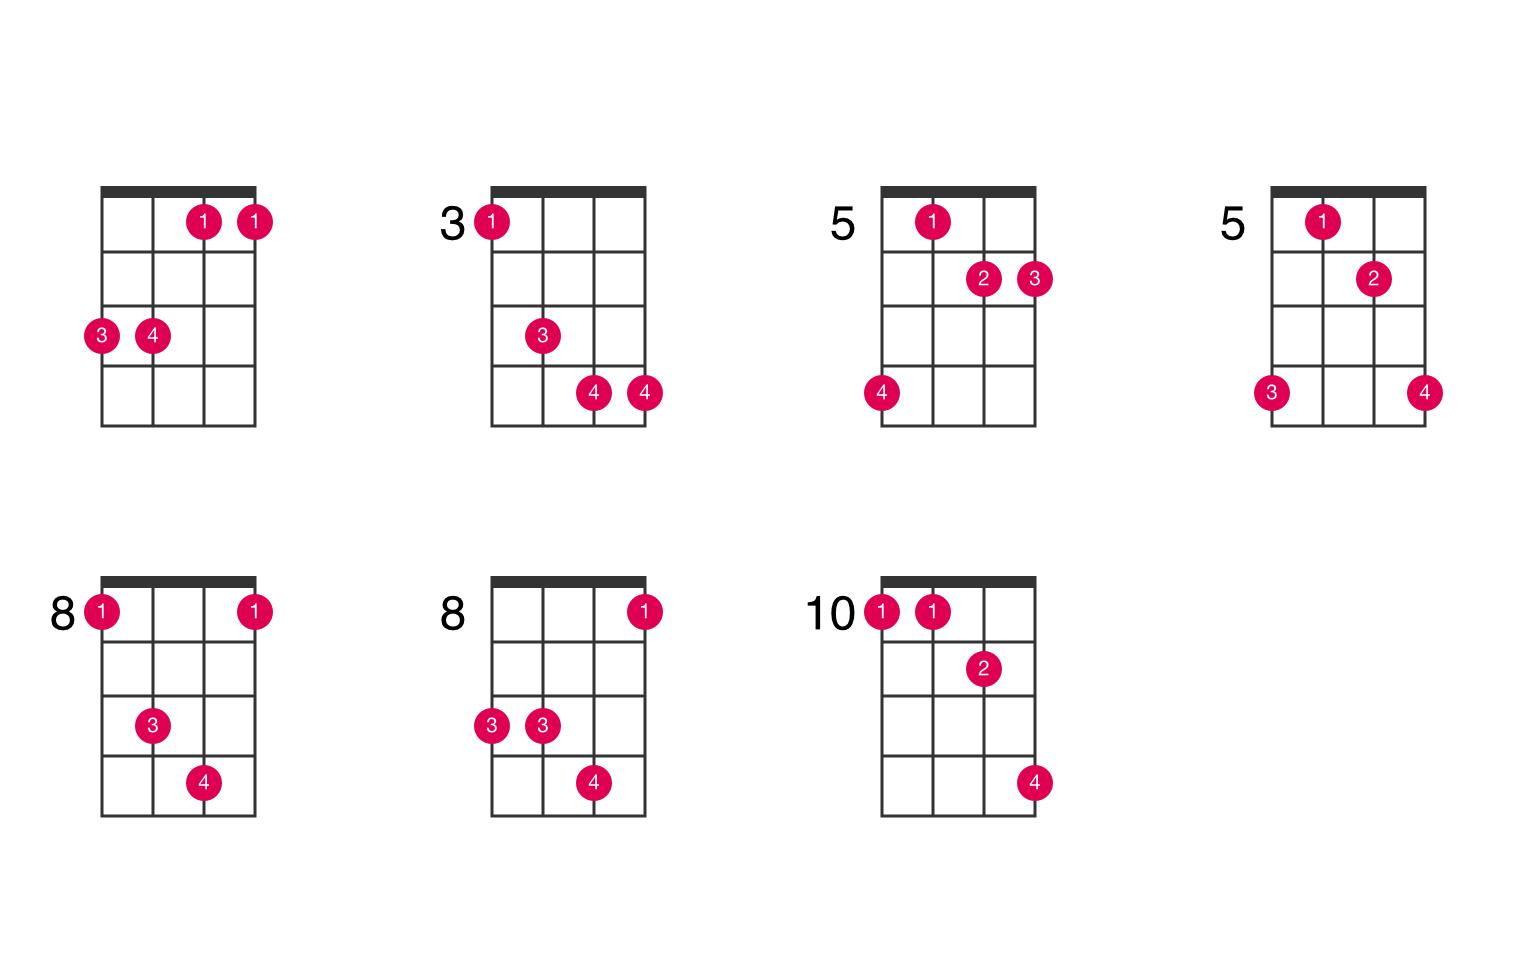 B flat suspended 15th ukulele chord   UkeLib Chords